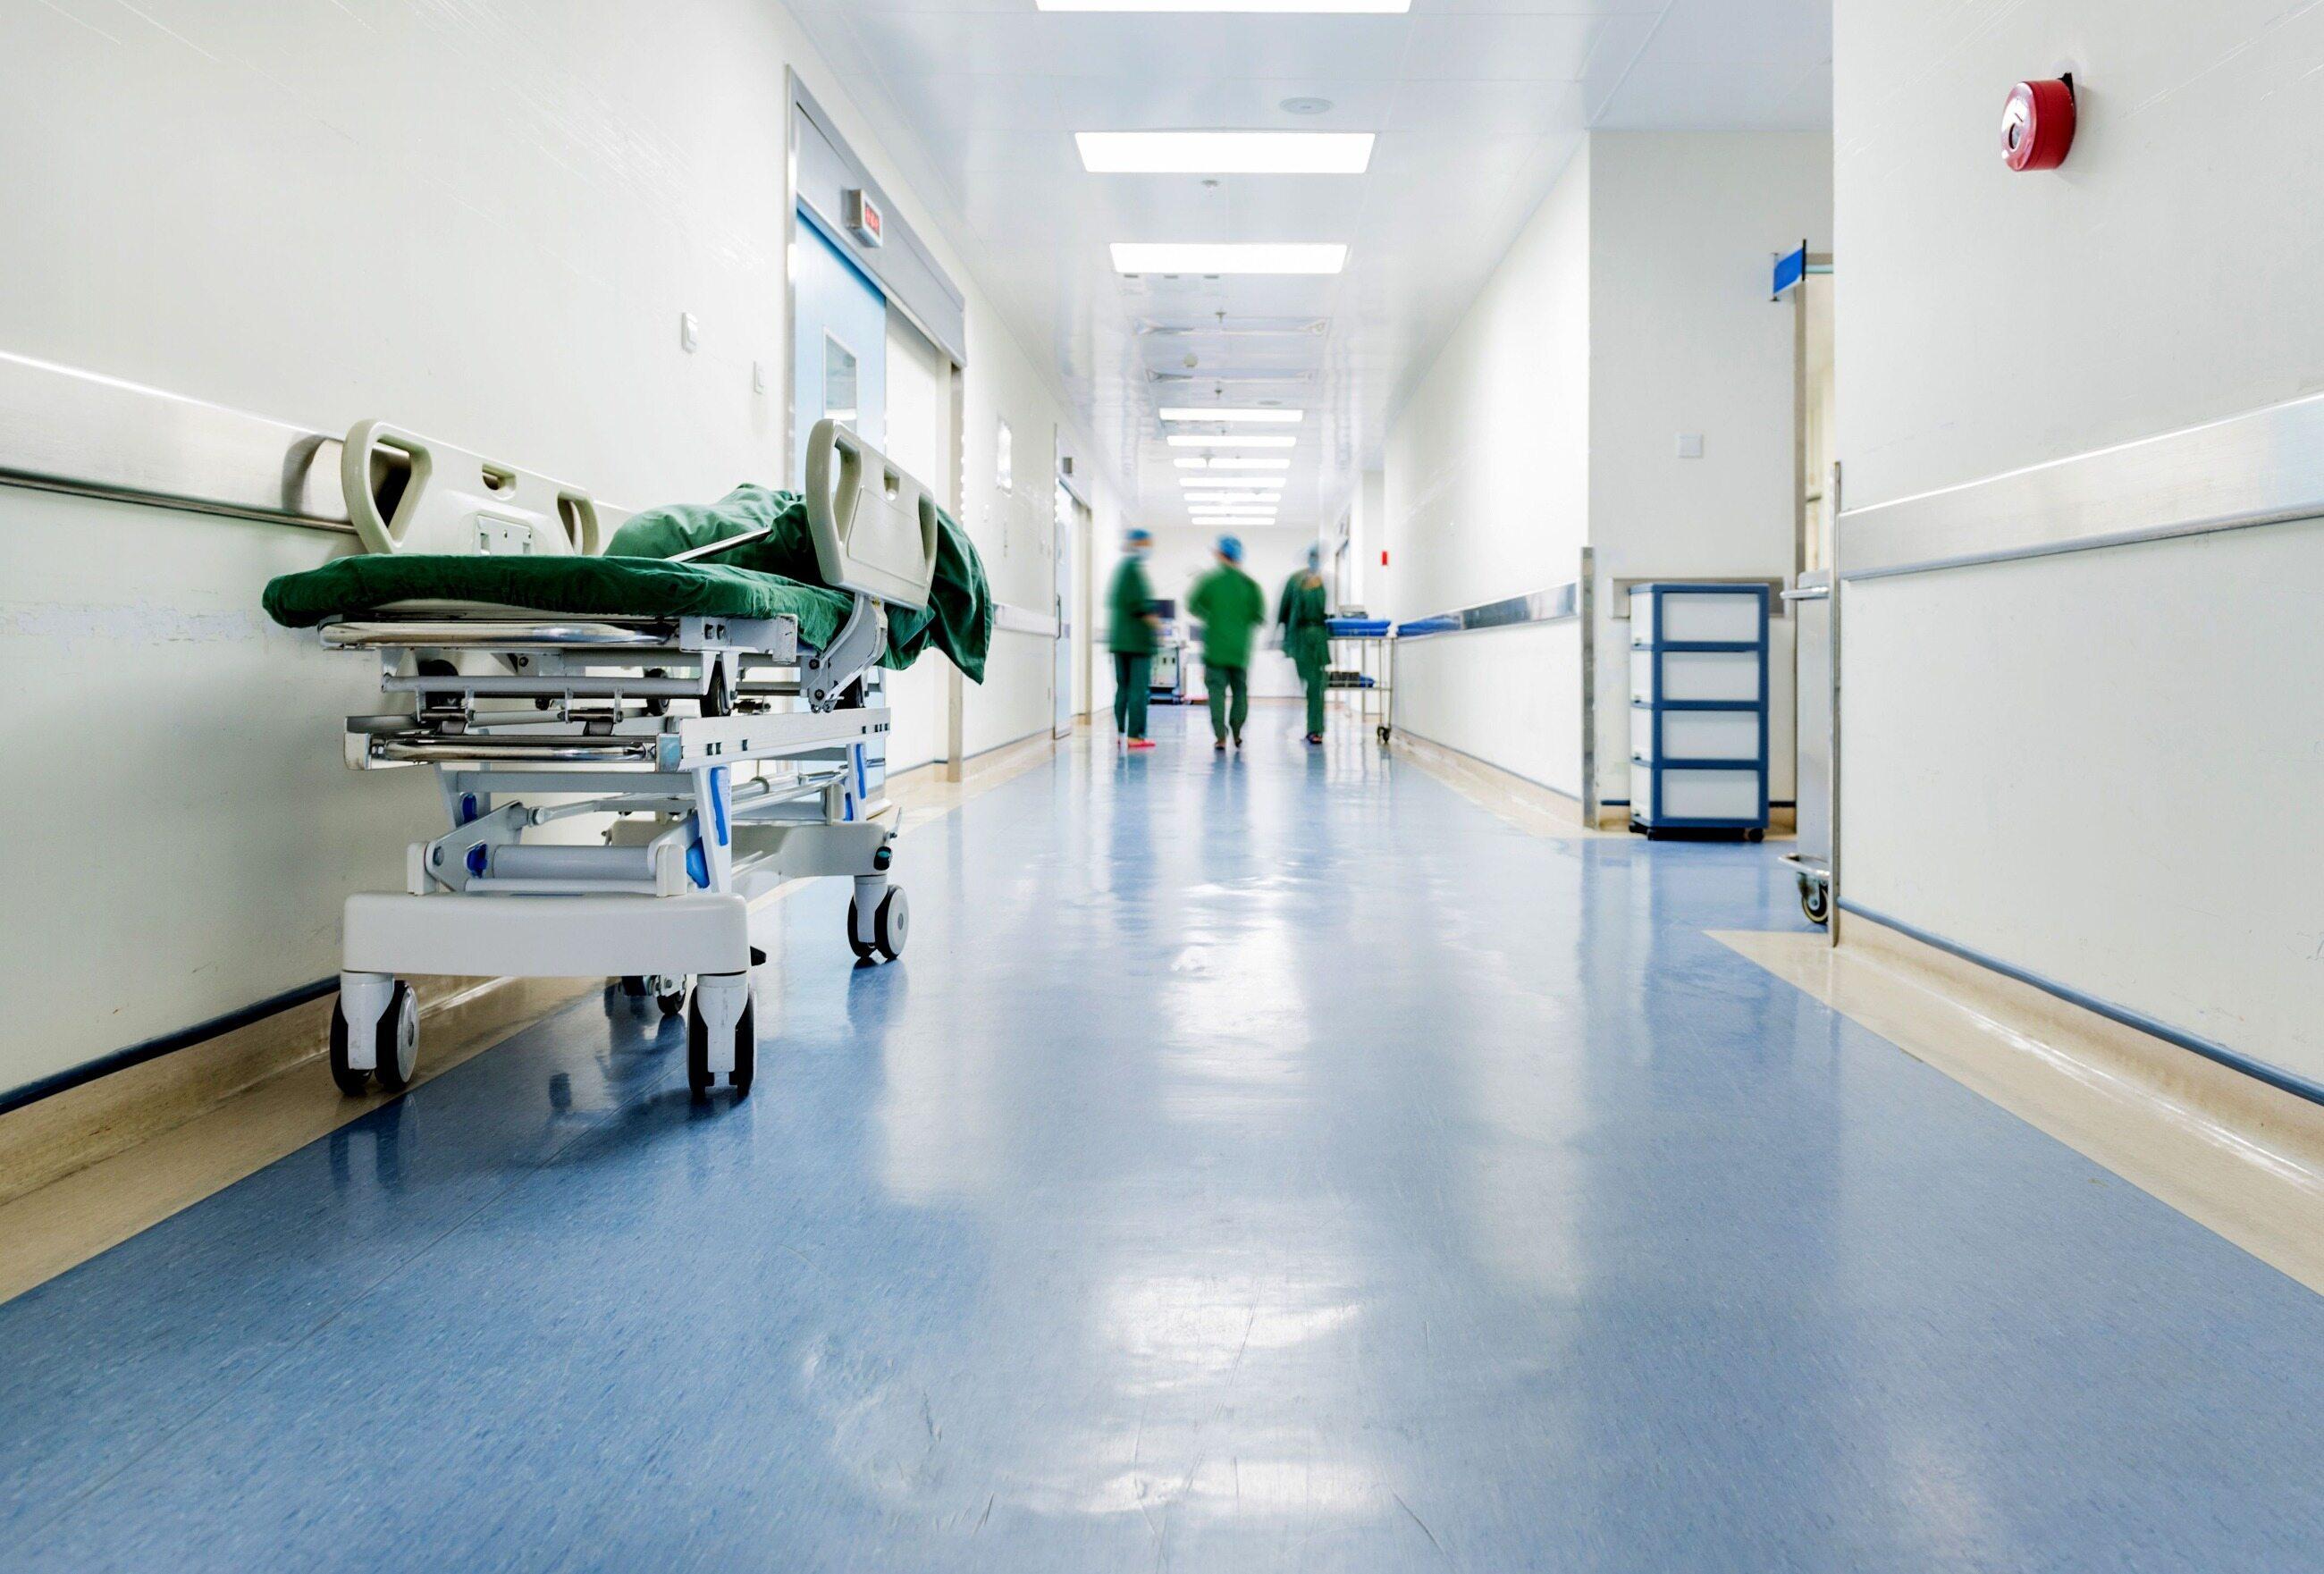 Szpital, zdj. ilustracyjne